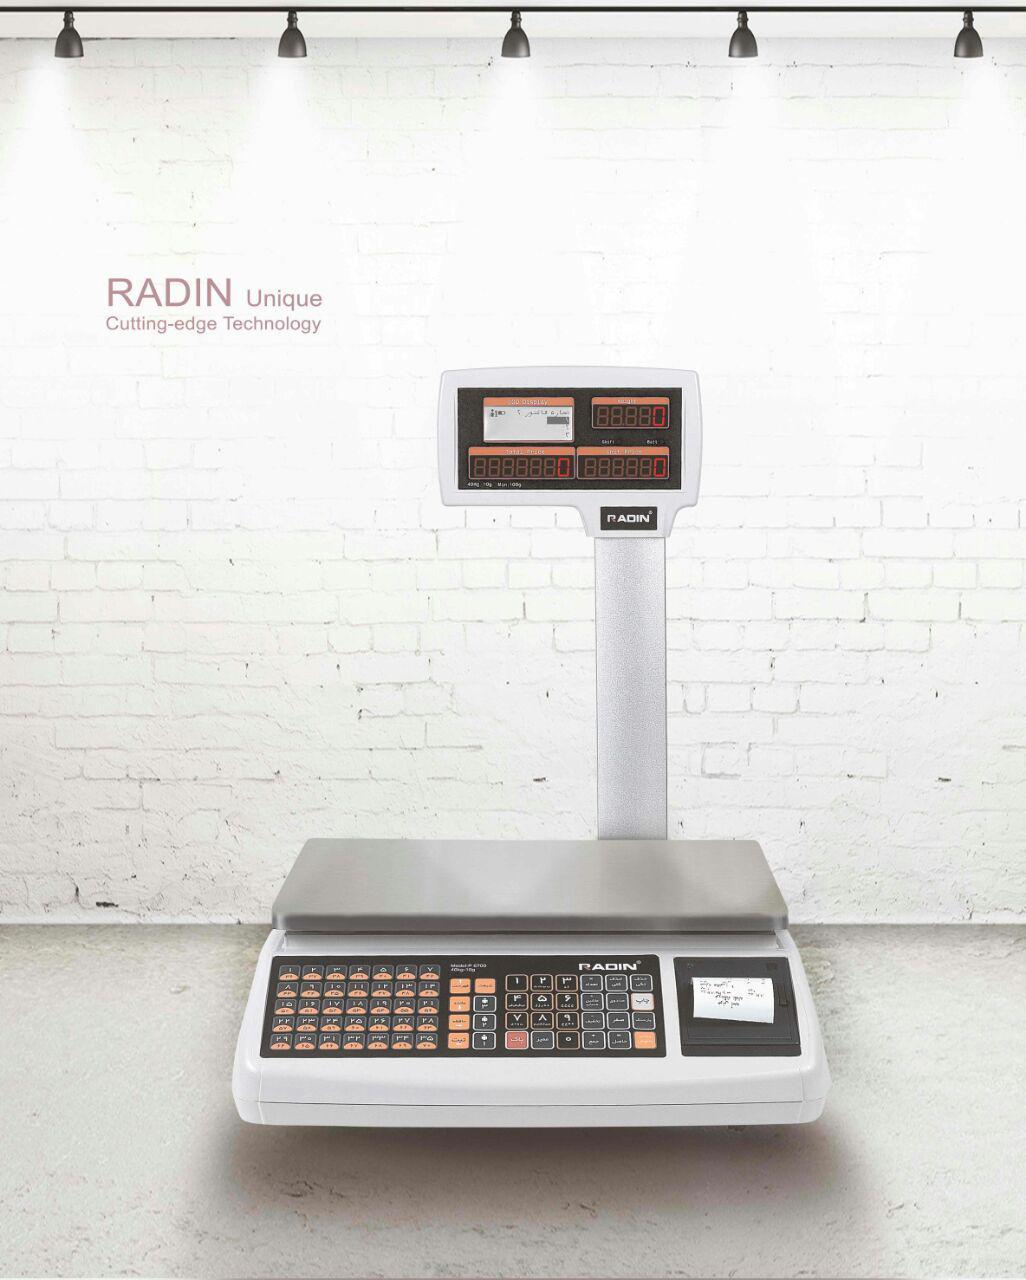 ترازوی رادین 6700p  دست دوم